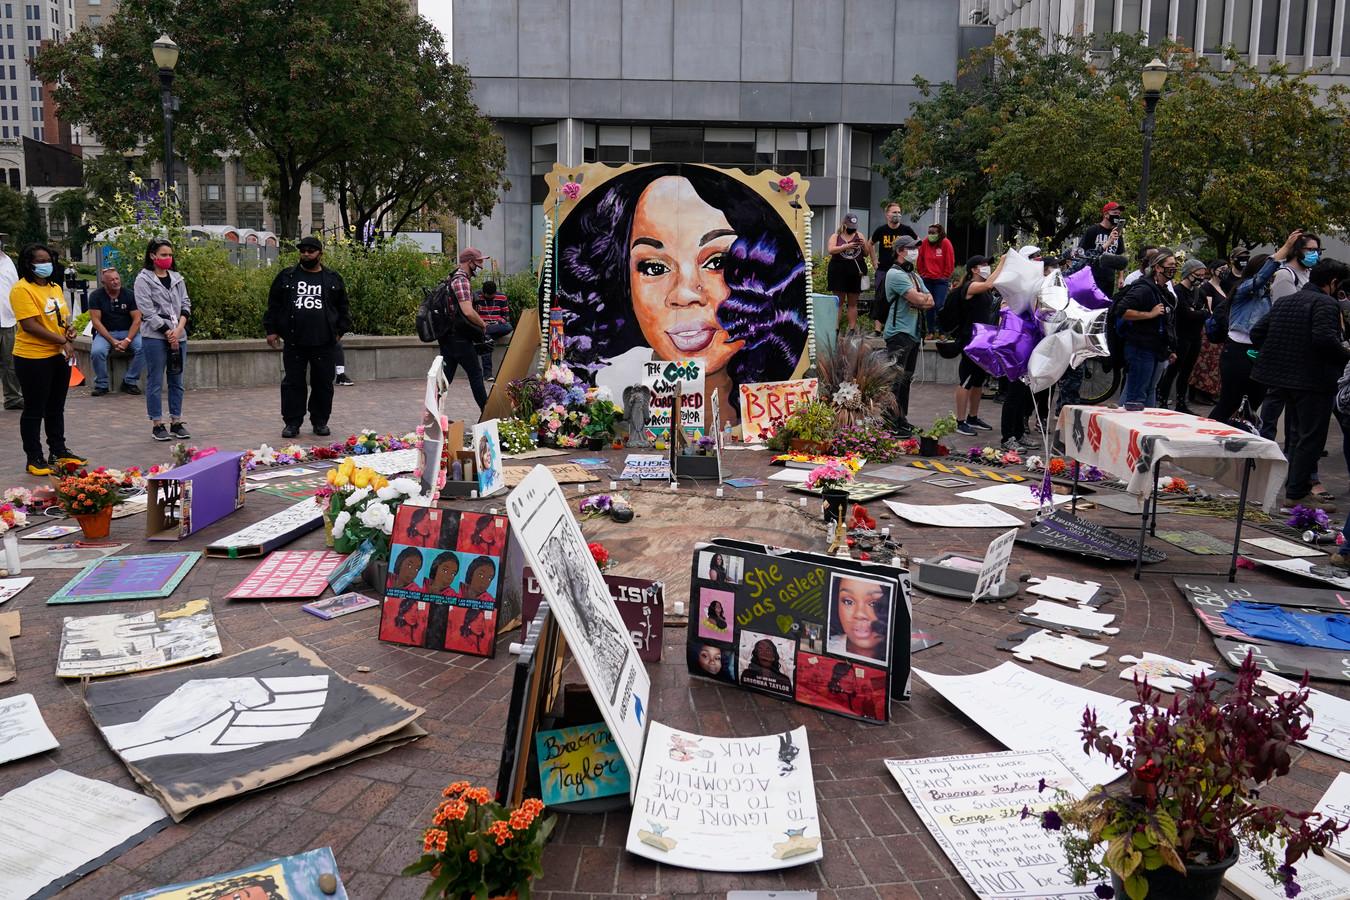 Mensen verzamelen zich op de gedenkplaats voor Breonna Taylor in Louisville in afwachting van de behandeling van de beschuldigingen tegen de drie politiemensen.